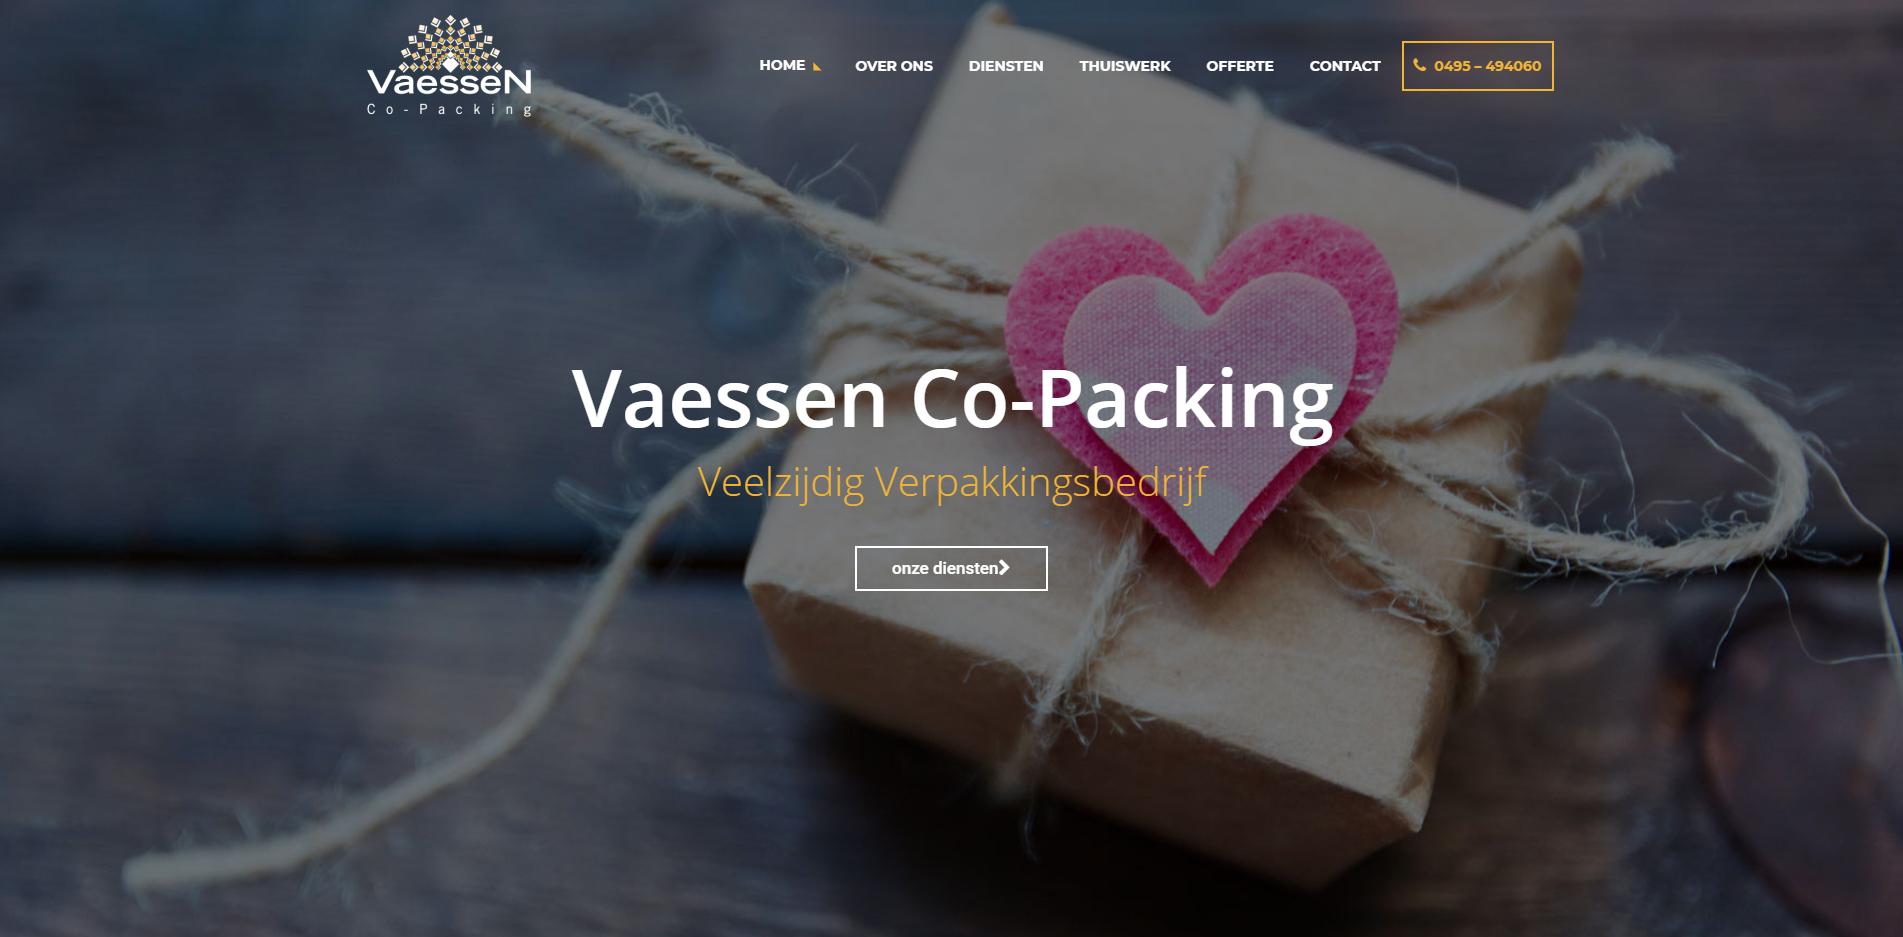 vaessencopacking-home